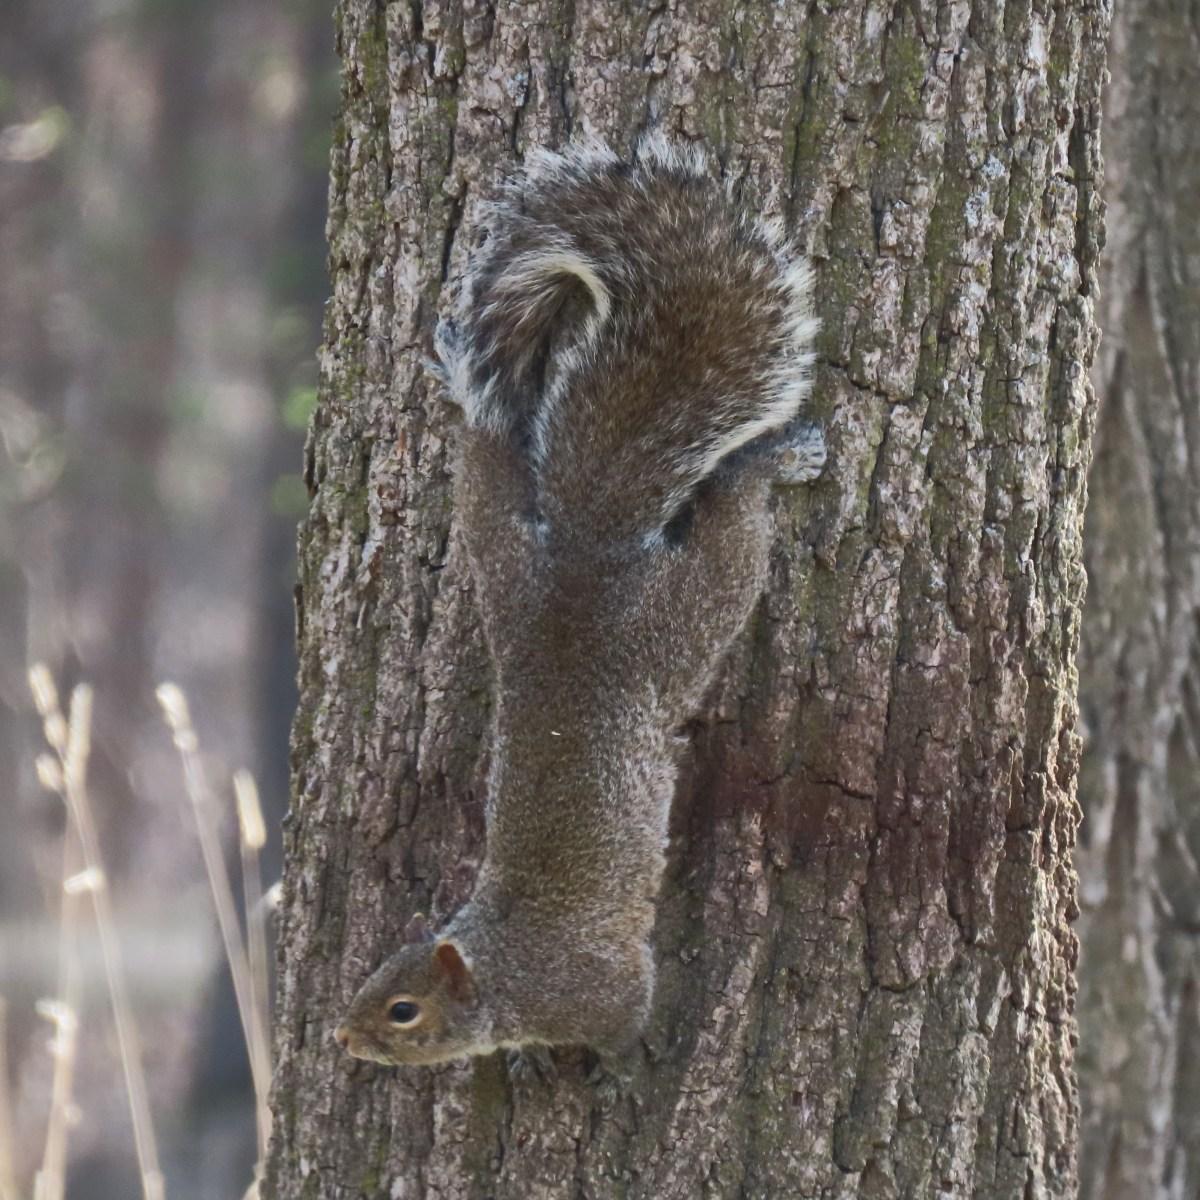 A squirrel climbs, headfirst, down a tree